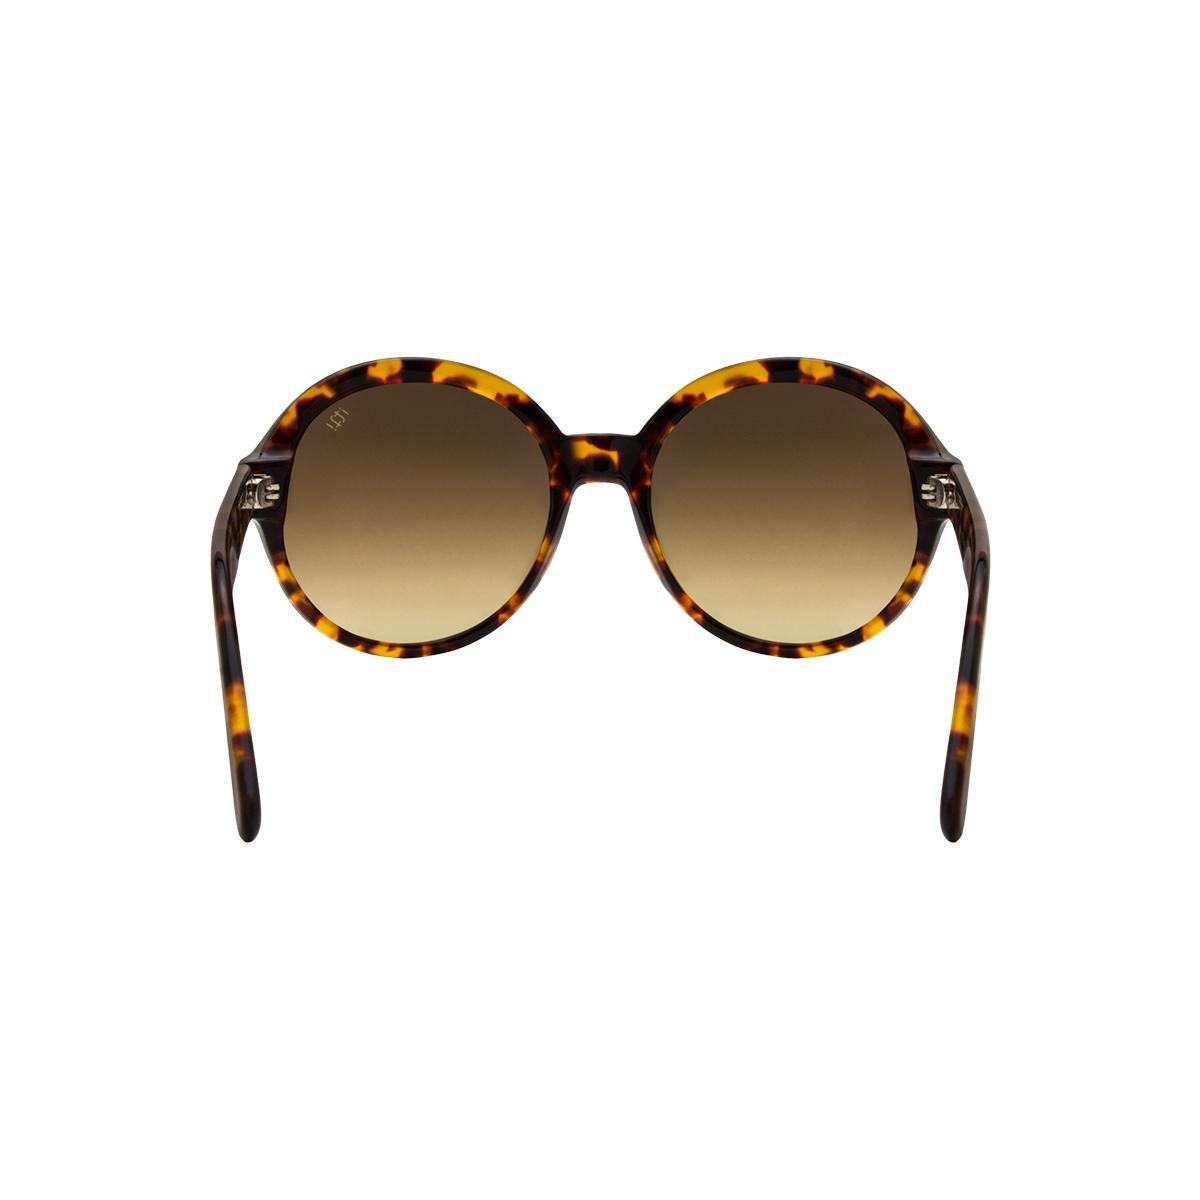 44e270c8034fb Óculos De Sol It Eyewear Luxe A102 - C3 - Feminino - Compre Agora ...